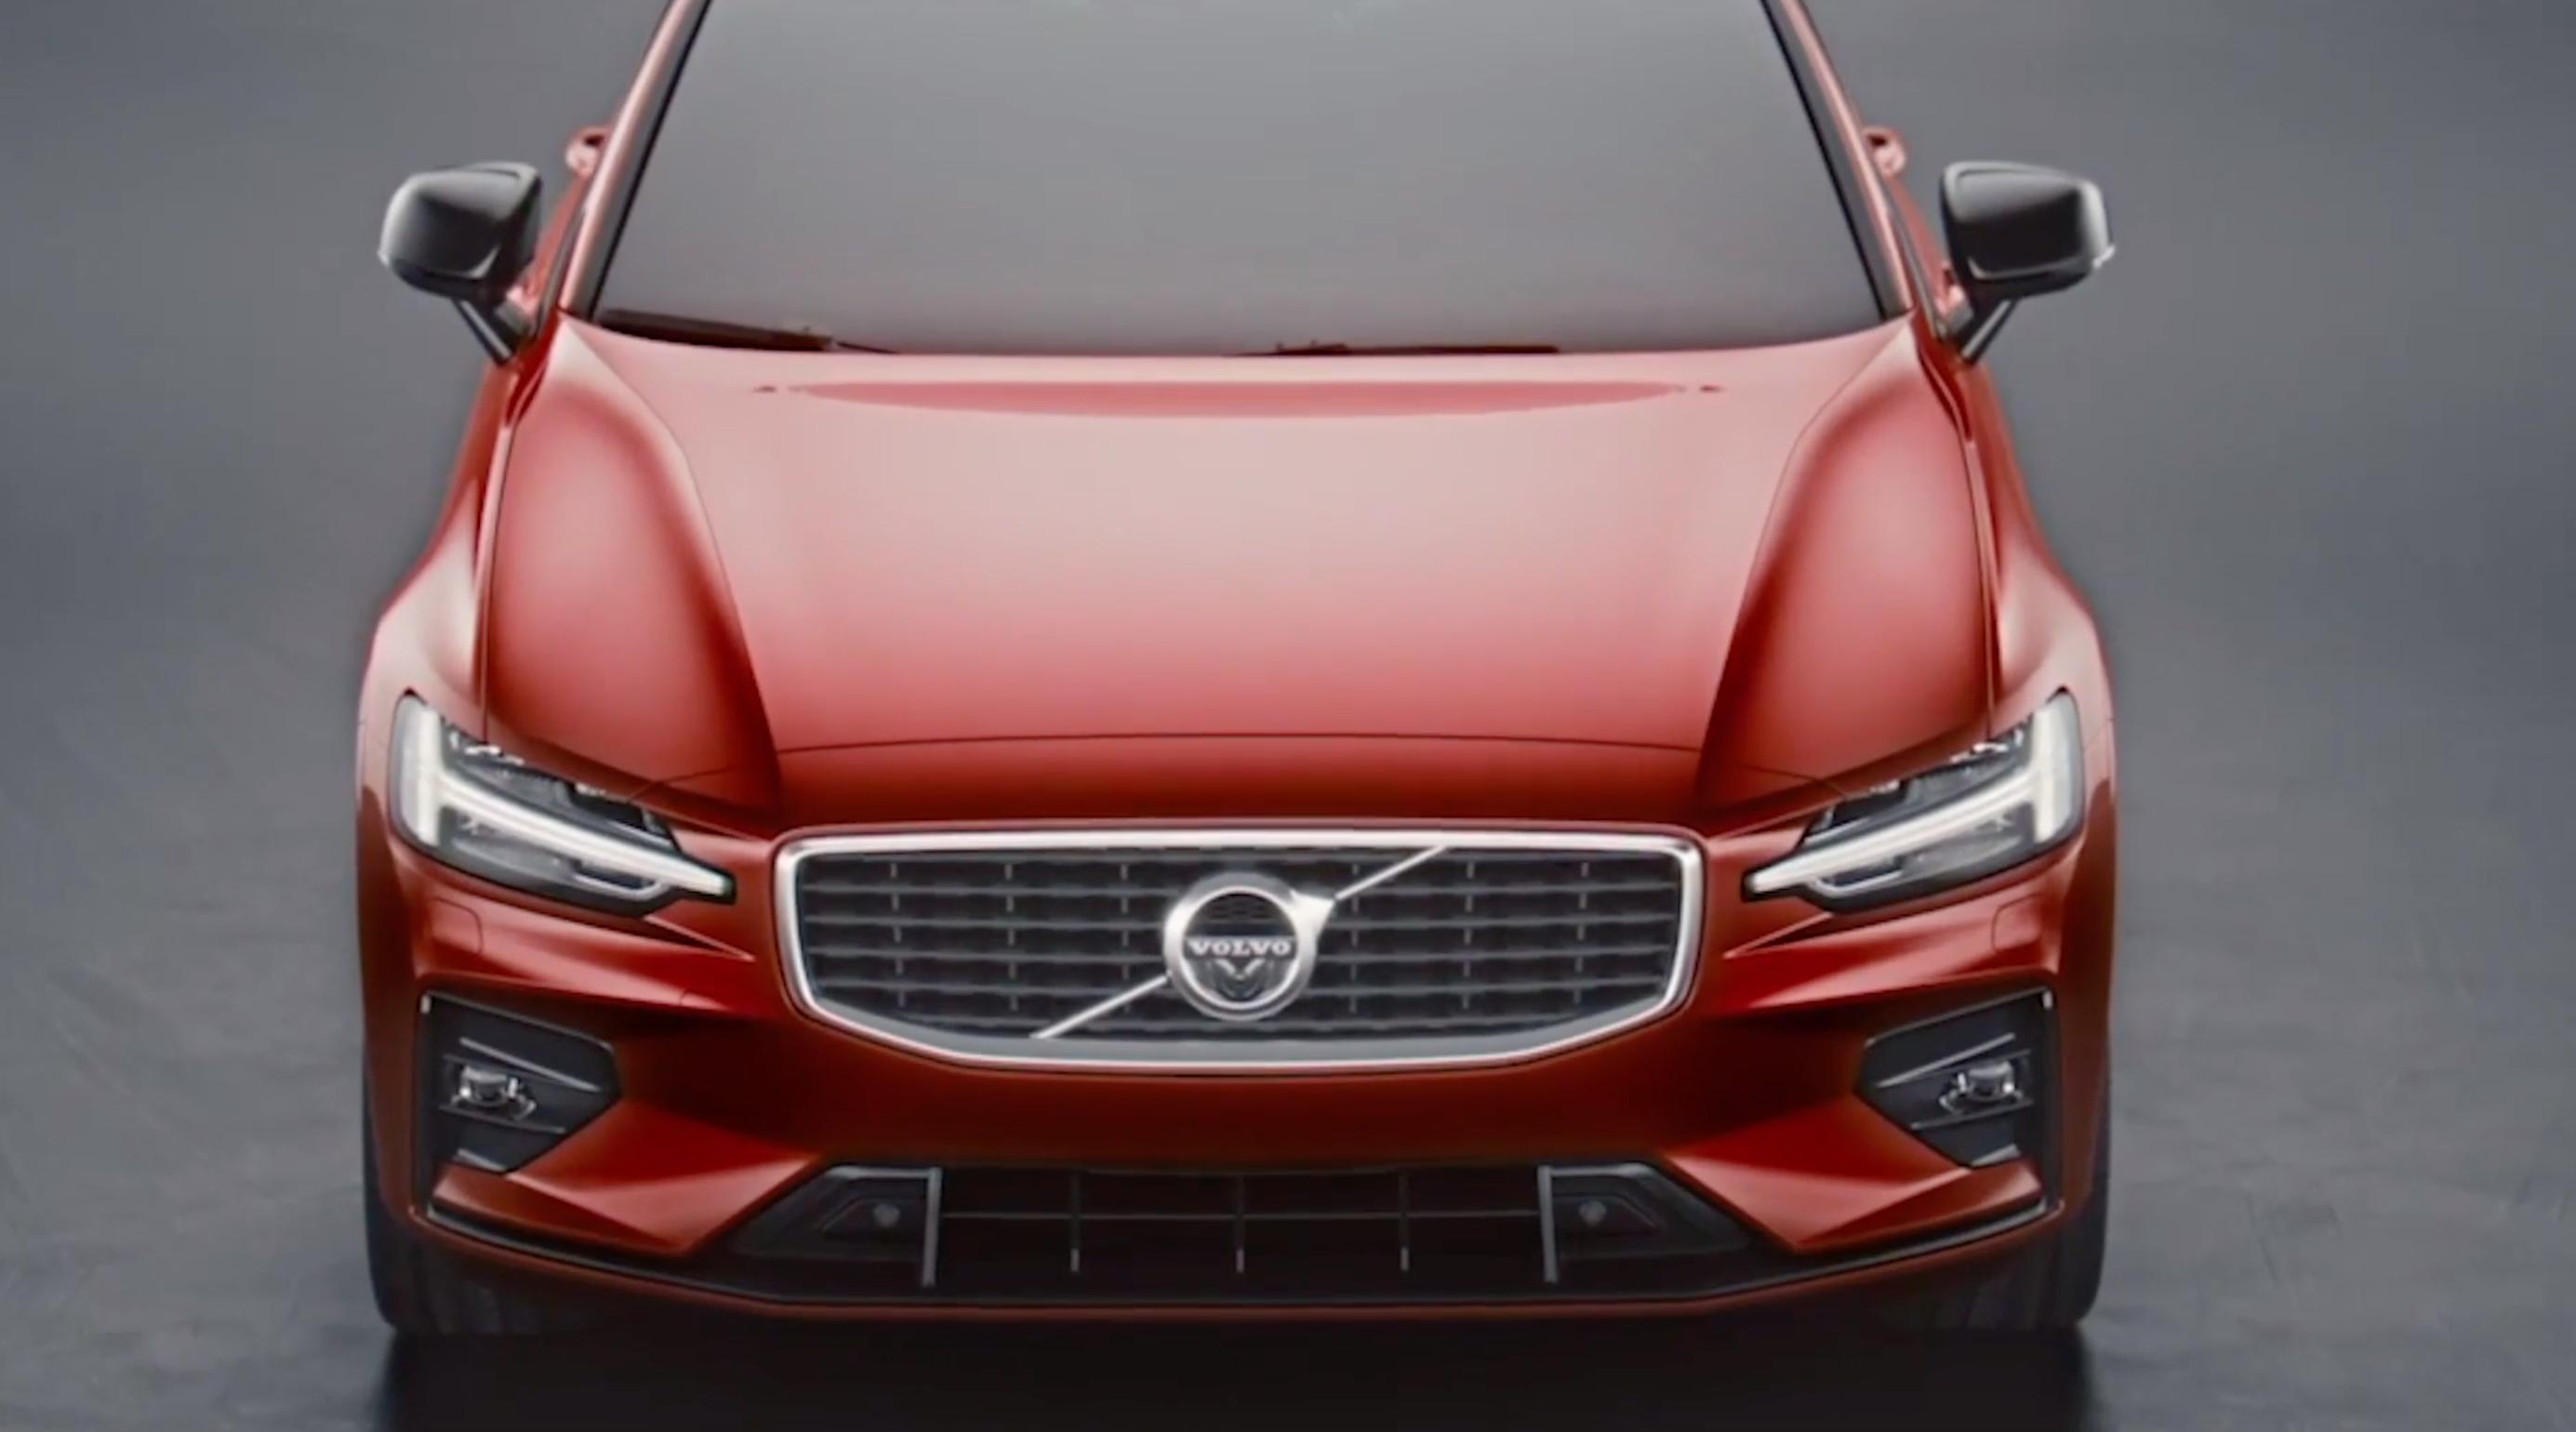 Neuer Volvo S60 debütiert auf der Techno Classica